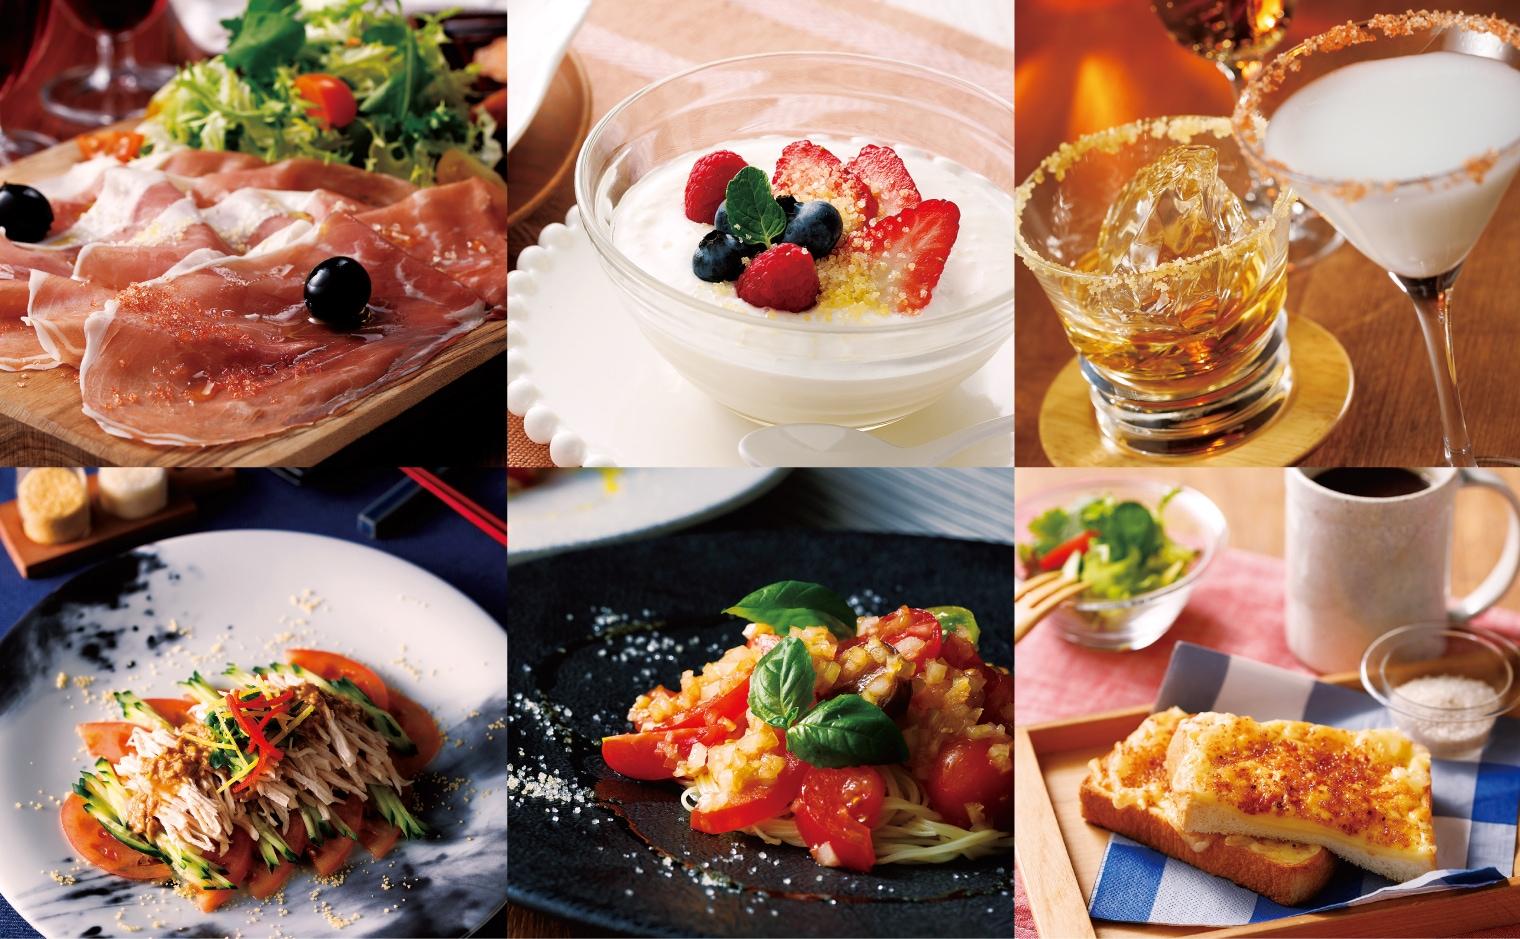 砂糖,高級,味,香り,美味しい,トッピング,コーティング,シュガー,新しい,ジンジャー,シナモン,レモン,マンゴー,カルダモン,チリ